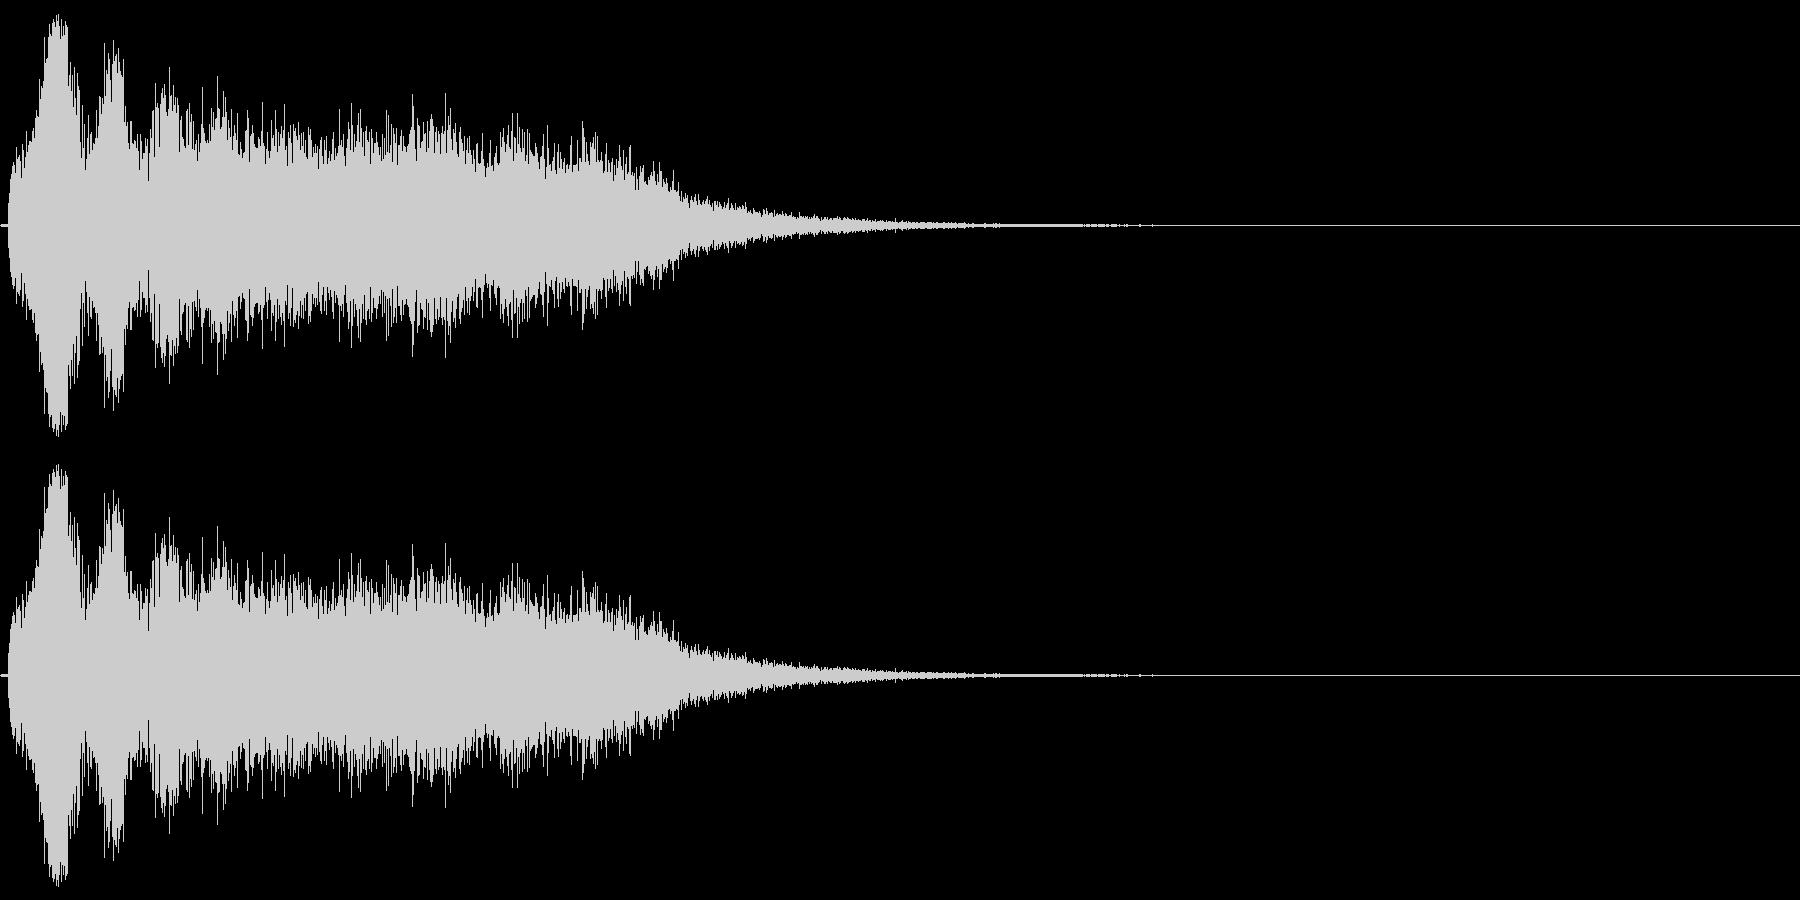 スーパー、テロップ向け(キラキラ成分付)の未再生の波形